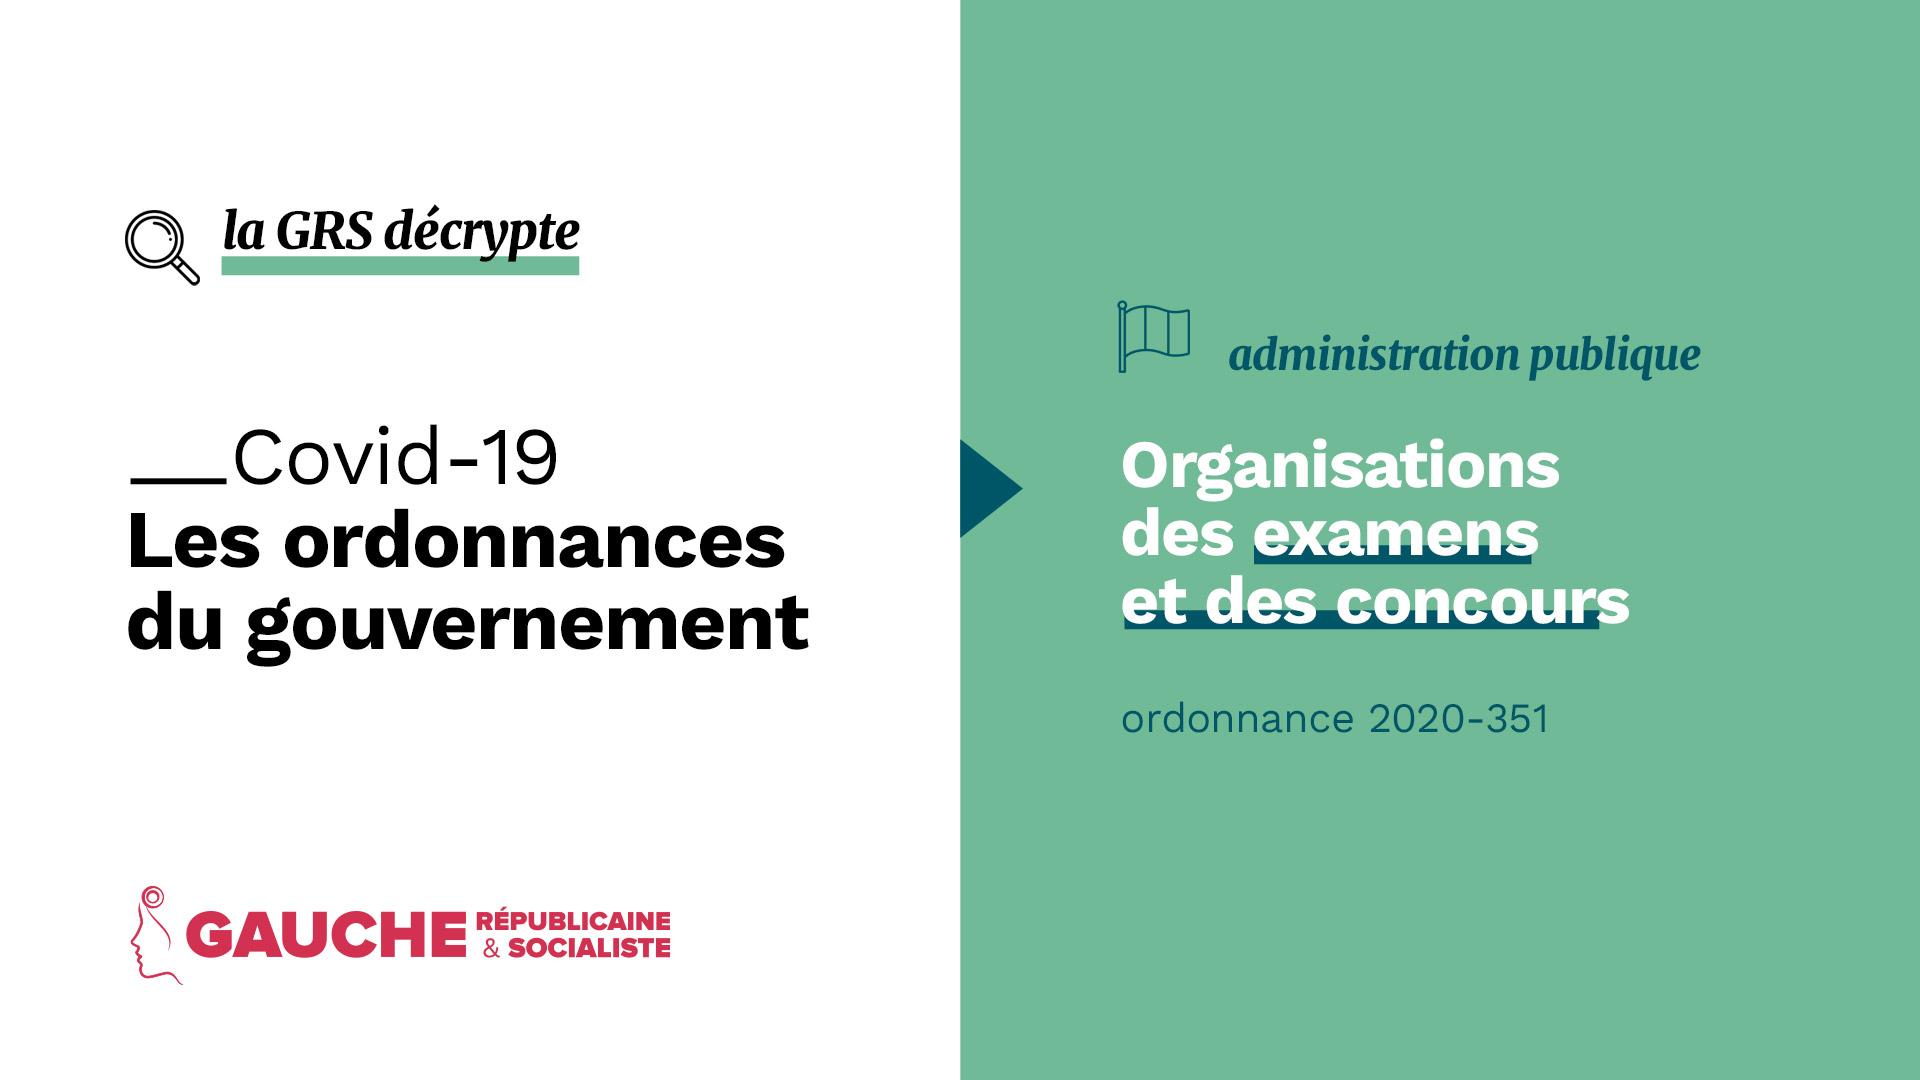 Ordonnance n° 2020-351 du 27 mars 2020 relative à l'organisation des examens et concours